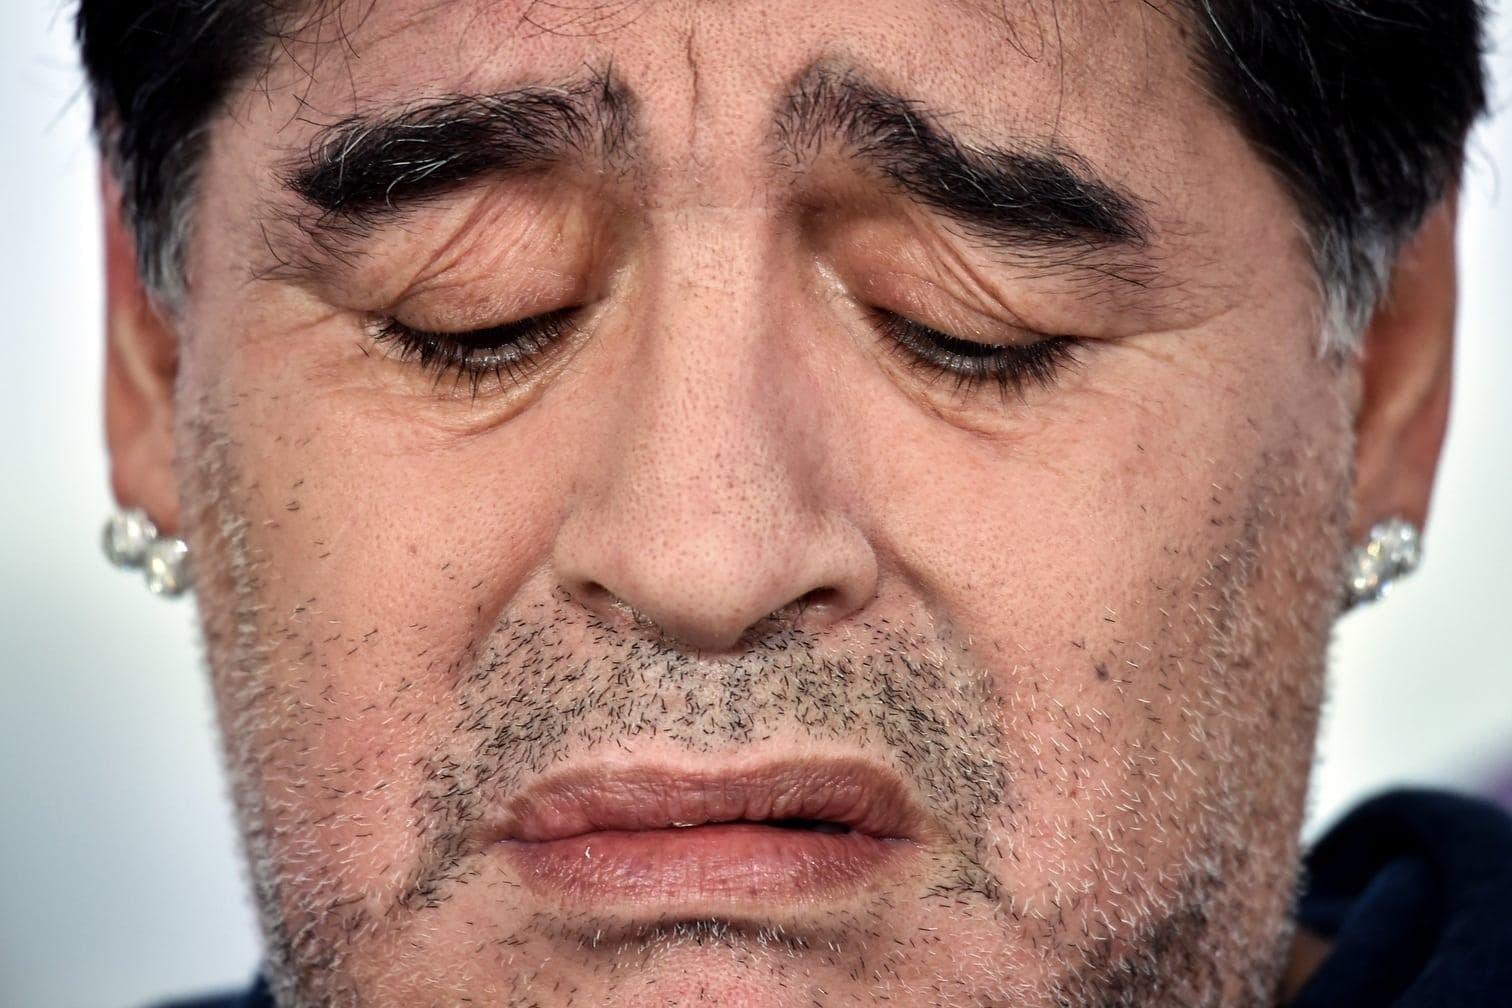 <p>Auf der Pressekonferenz plötzlich ein anderes Bild. Ist Maradona etwa traurig?</p> Foto: AFP